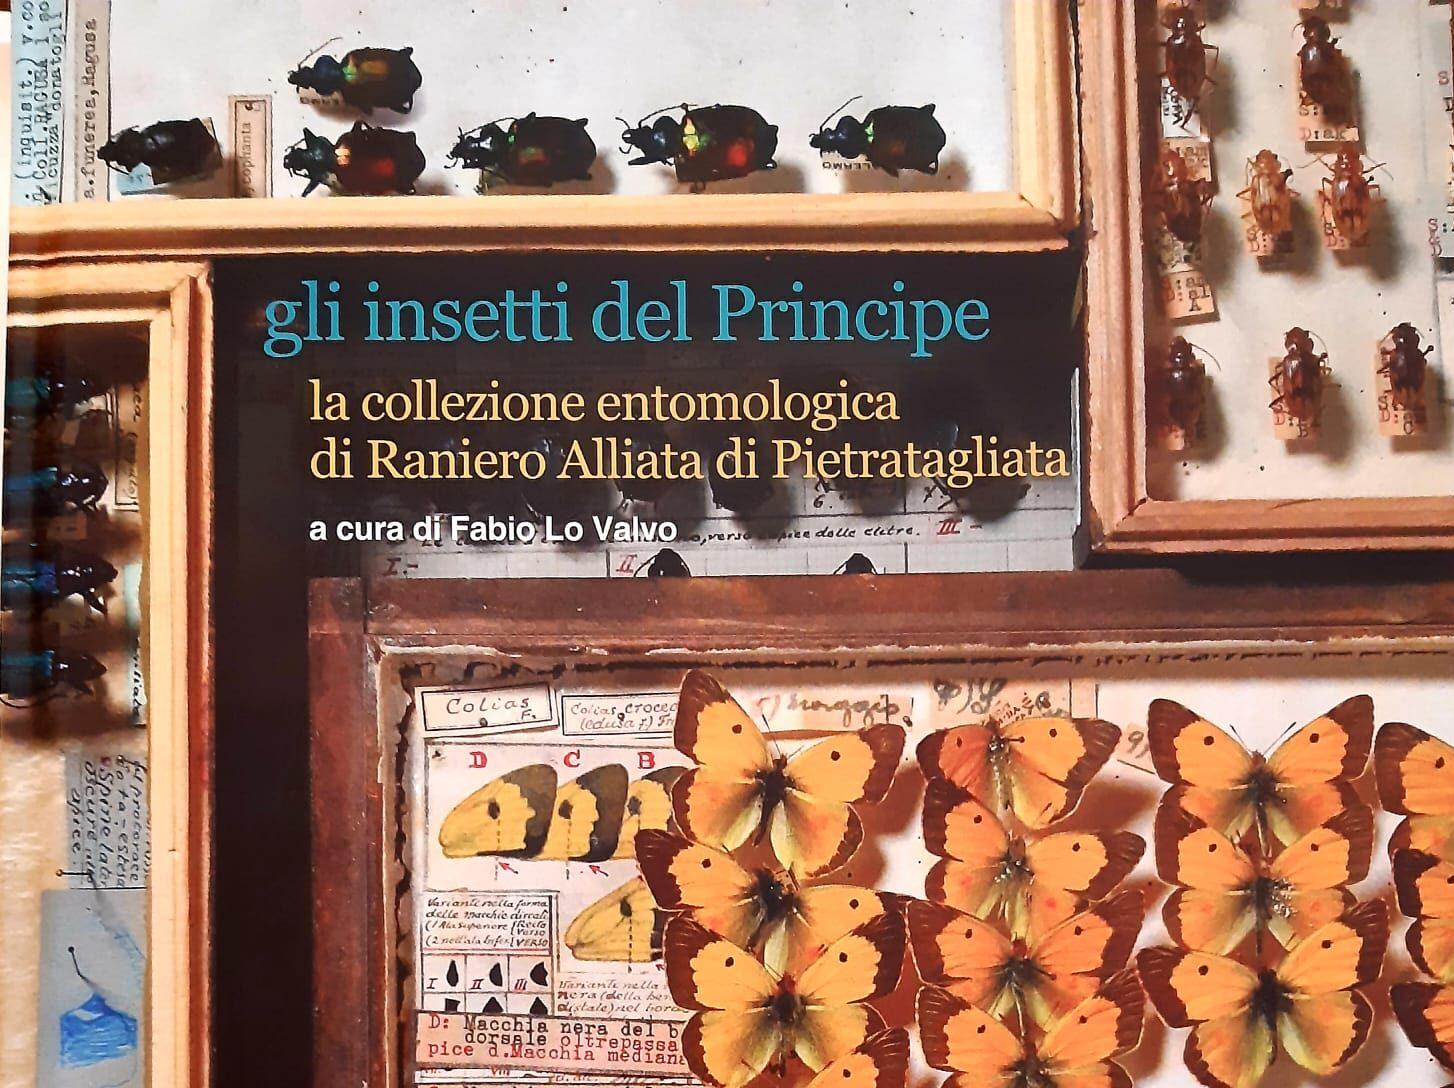 In un unico libro la collezione del Principe Raniero Alliata di Pietragliata